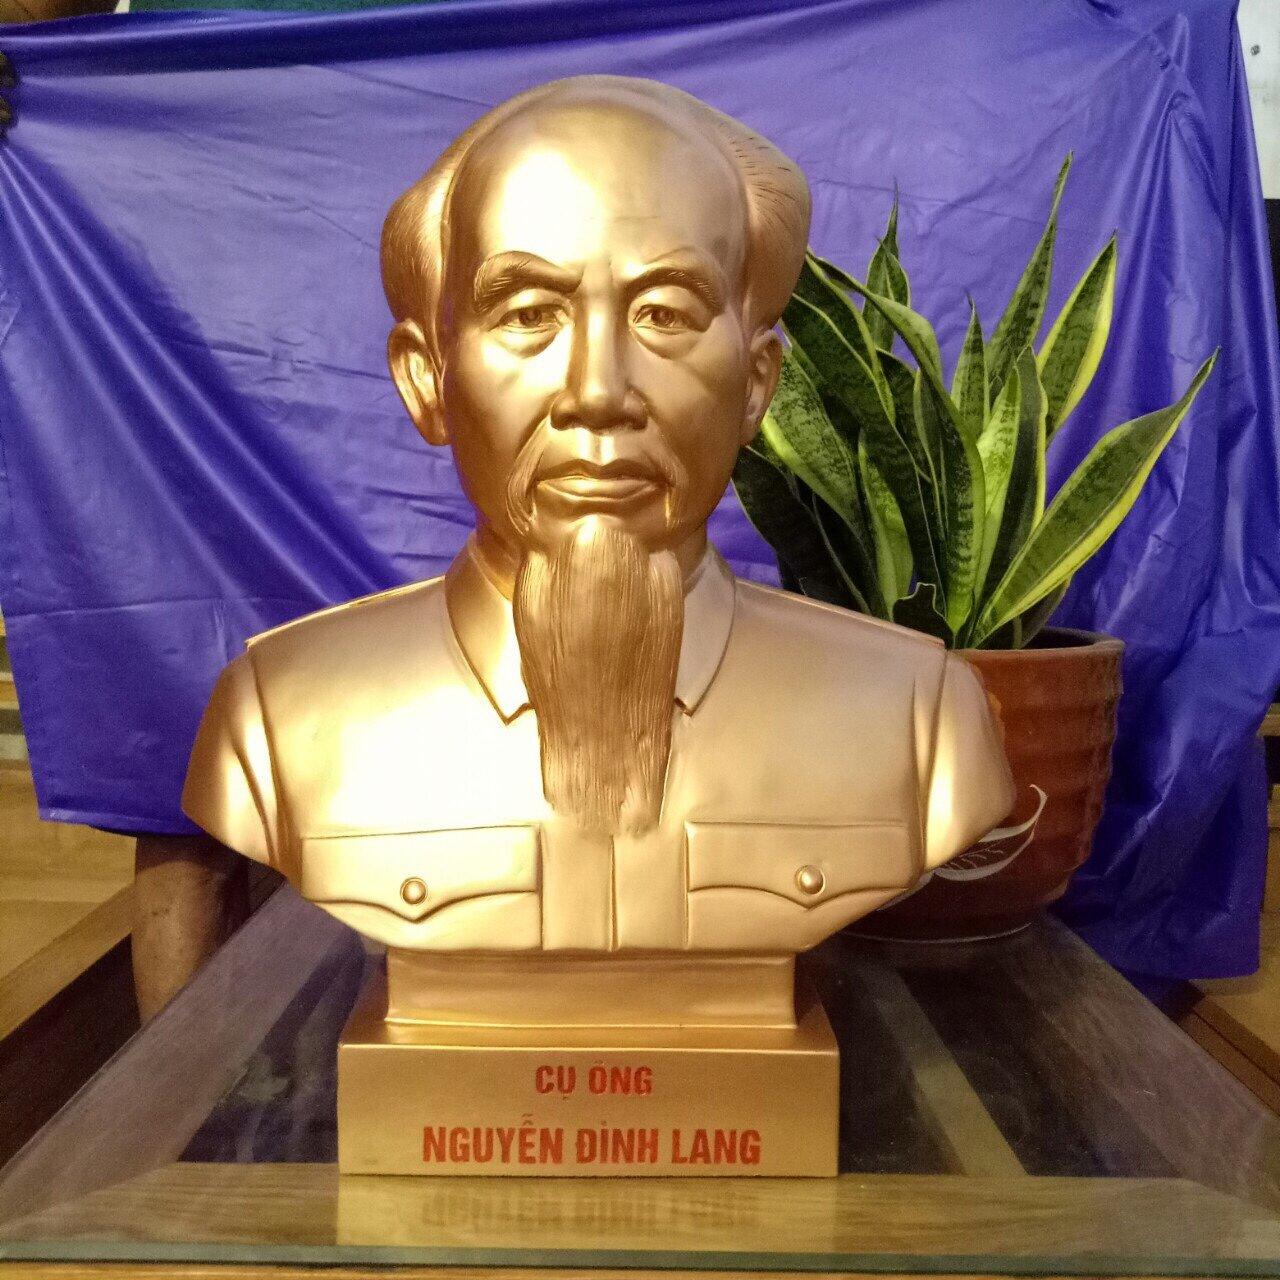 Đúc tượng chân dung theo yêu cầu tại Đồ đồng Việt